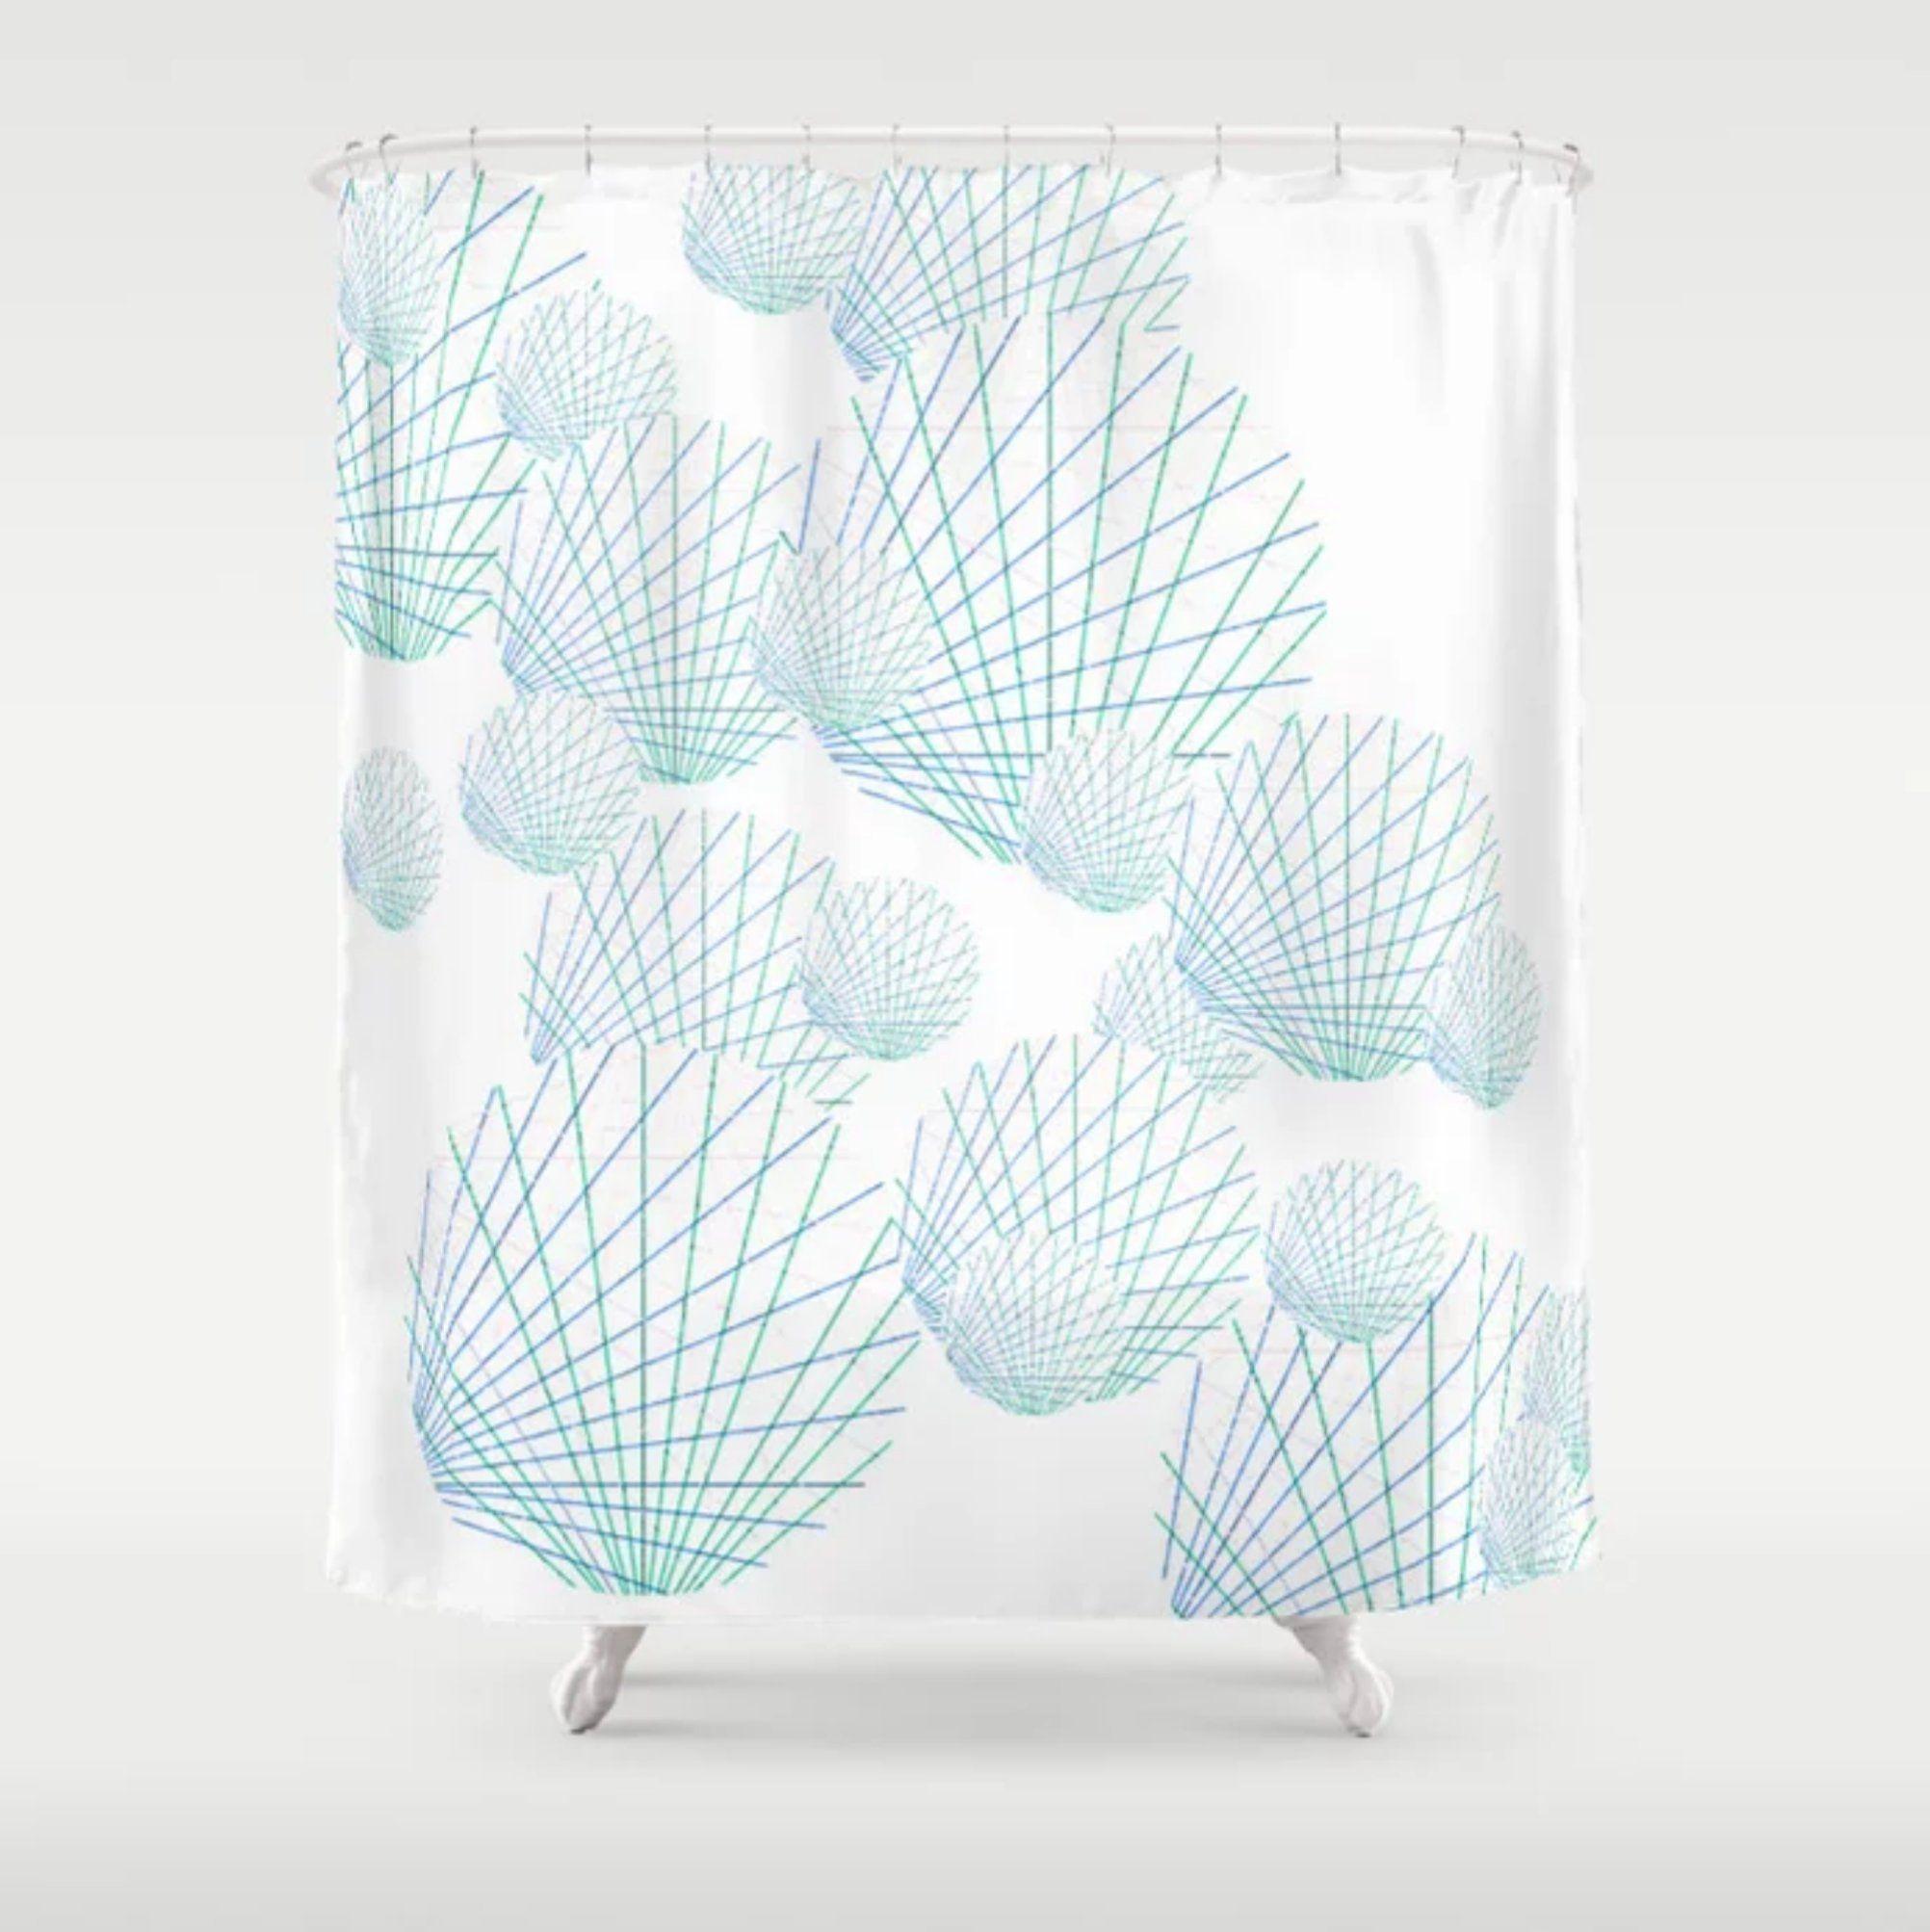 Seashells Abstract Shower Curtain Blue Green Peach White Bathroom